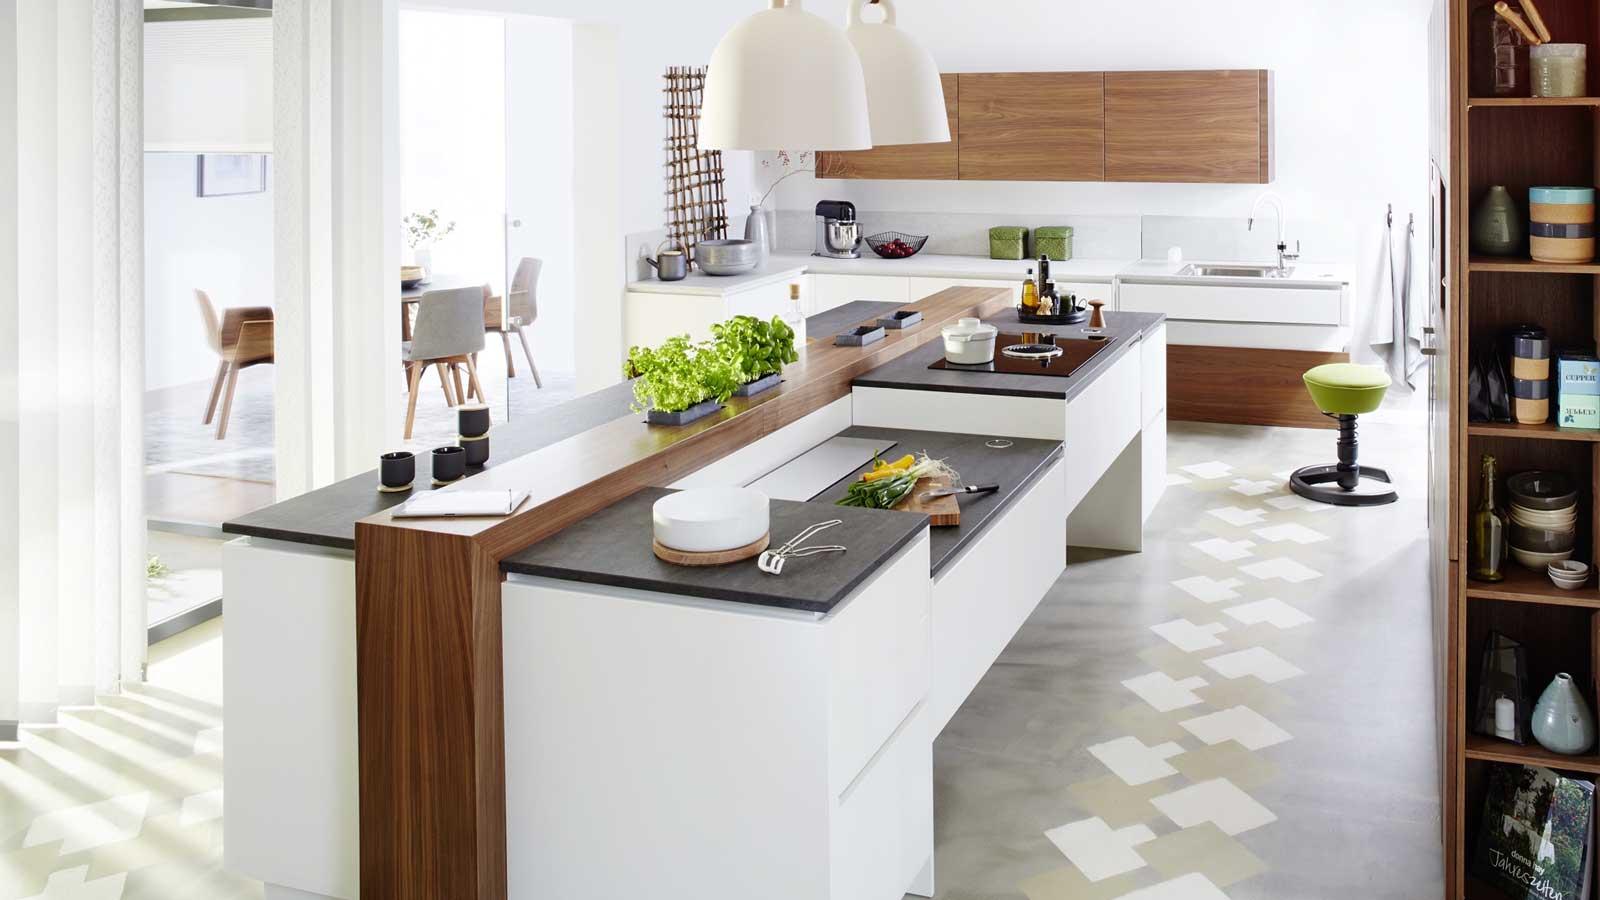 Full Size of Milchschnitte Küche Gewinnen Küche Gewinnen Tupperware Küche Gewinnen Antenne 1 Wo Kann Ich Eine Küche Gewinnen Küche Küche Gewinnen